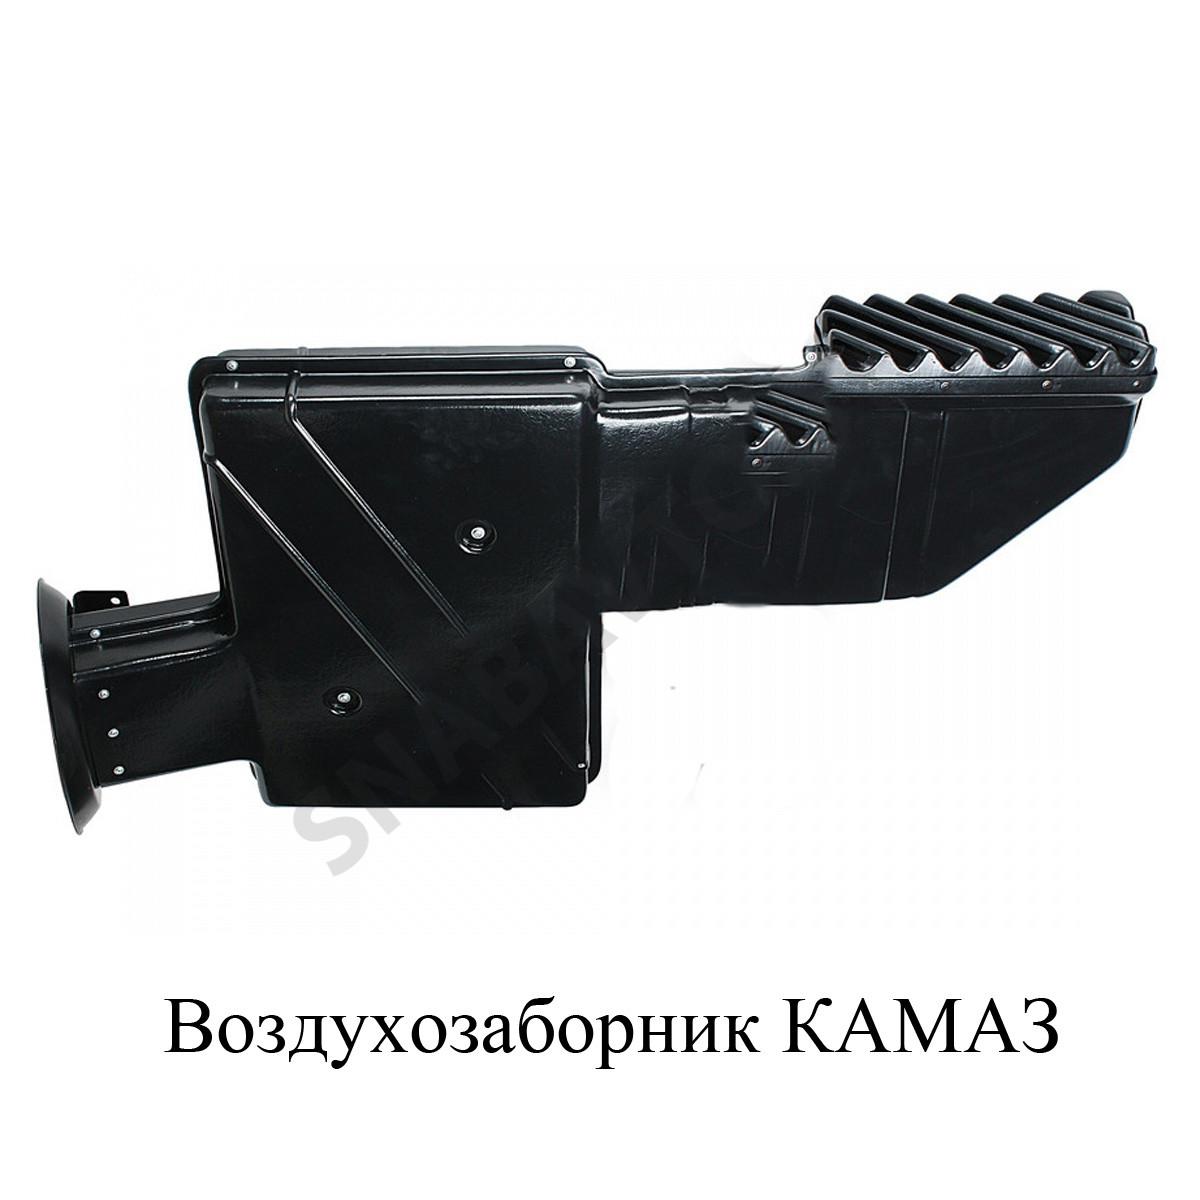 Воздухозаборник КАМАЗ